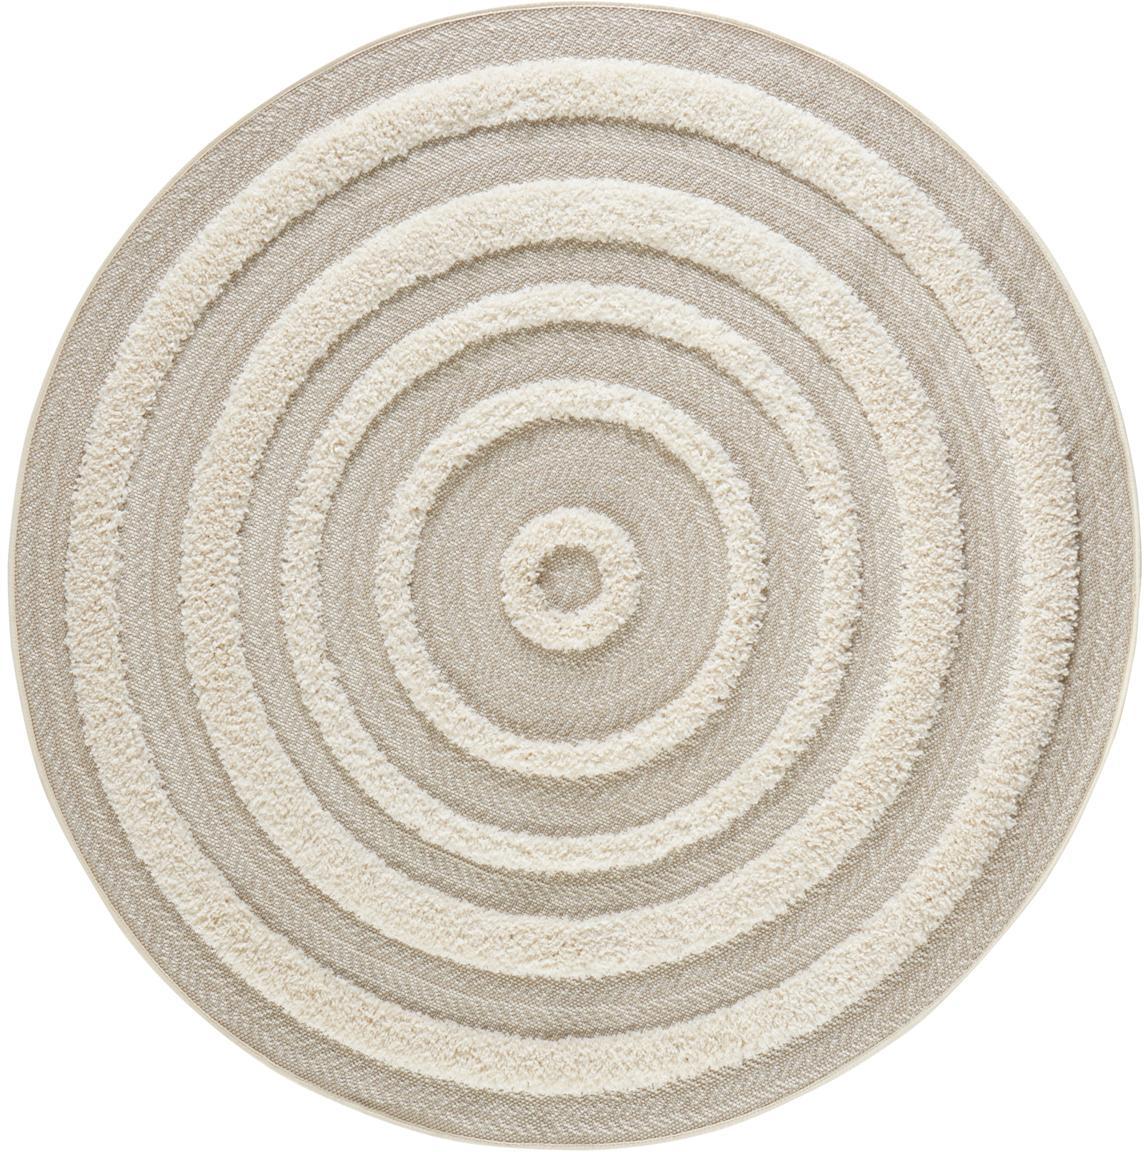 Runder In- & Outdoor-Teppich Nador mit Hoch-Tief-Effekt, Beige, Cremefarben, Ø 160 cm (Grösse L)